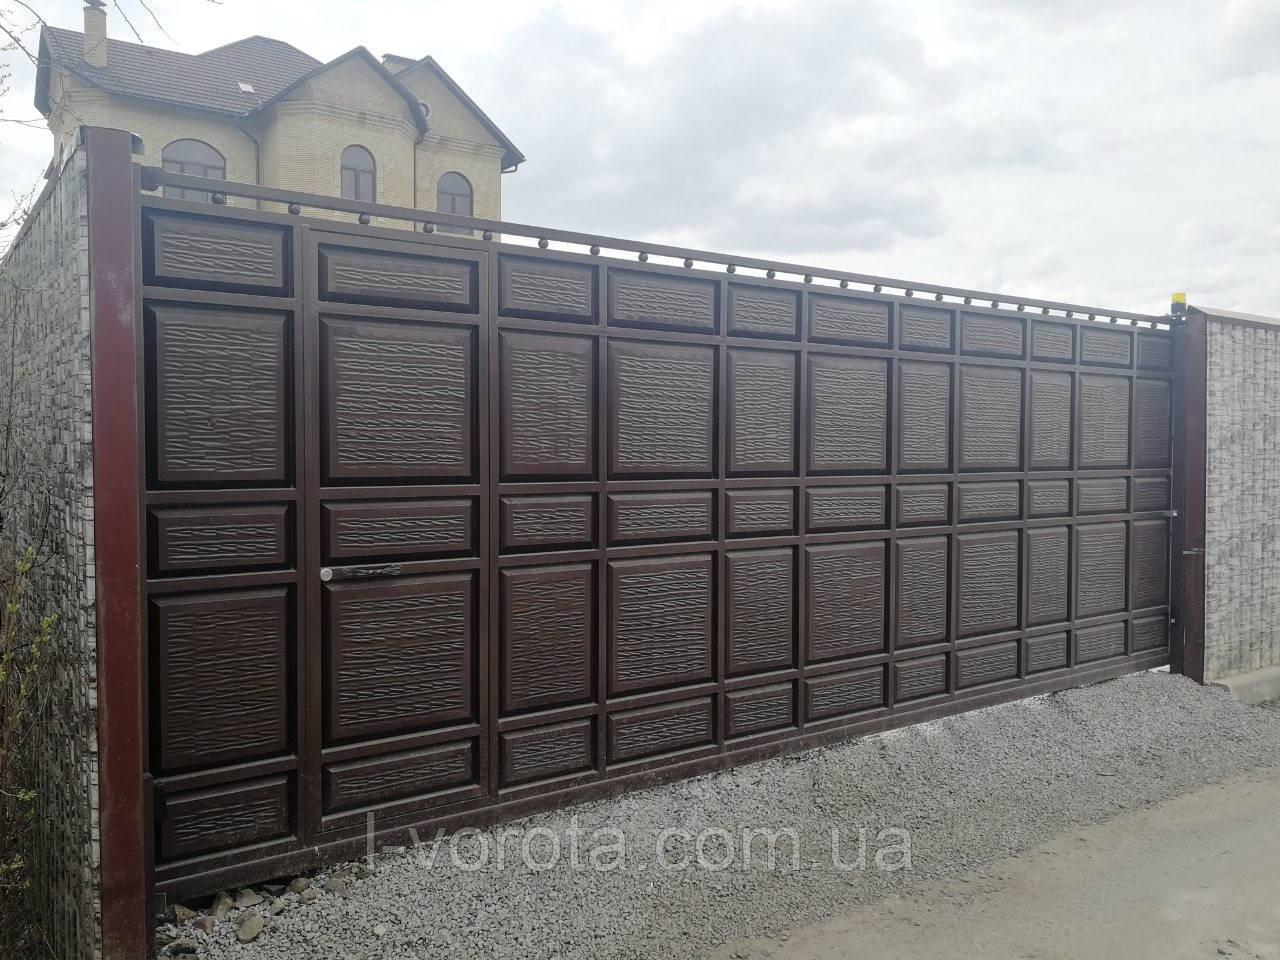 Сдвижные ворота с автоматикой и калиткой 5500 на 2200 (дизайн филенка, шоколадка с узким полем)